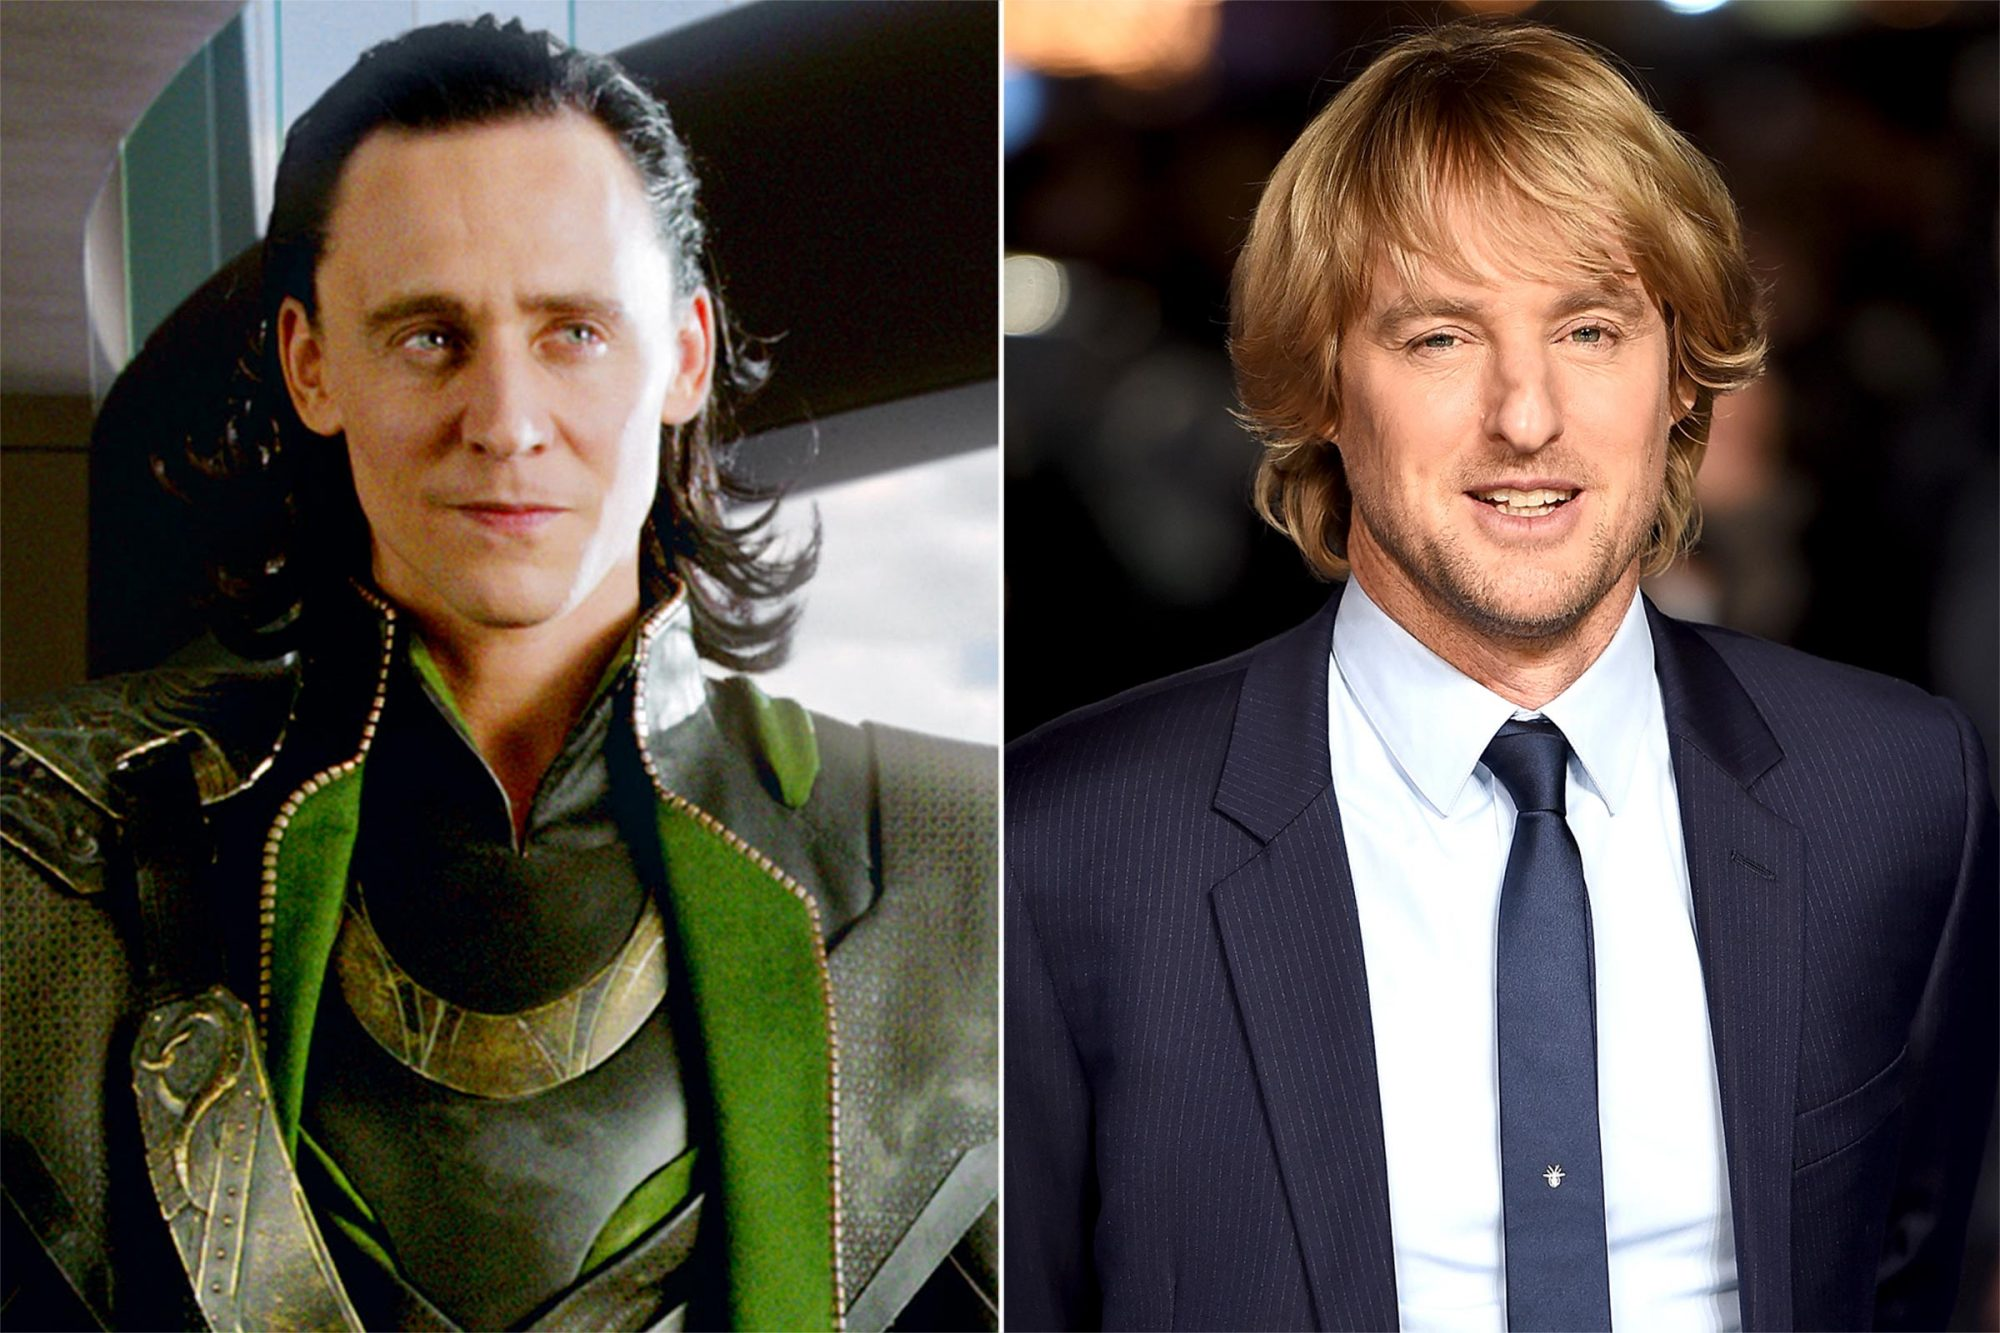 Loki / Owen Wilson